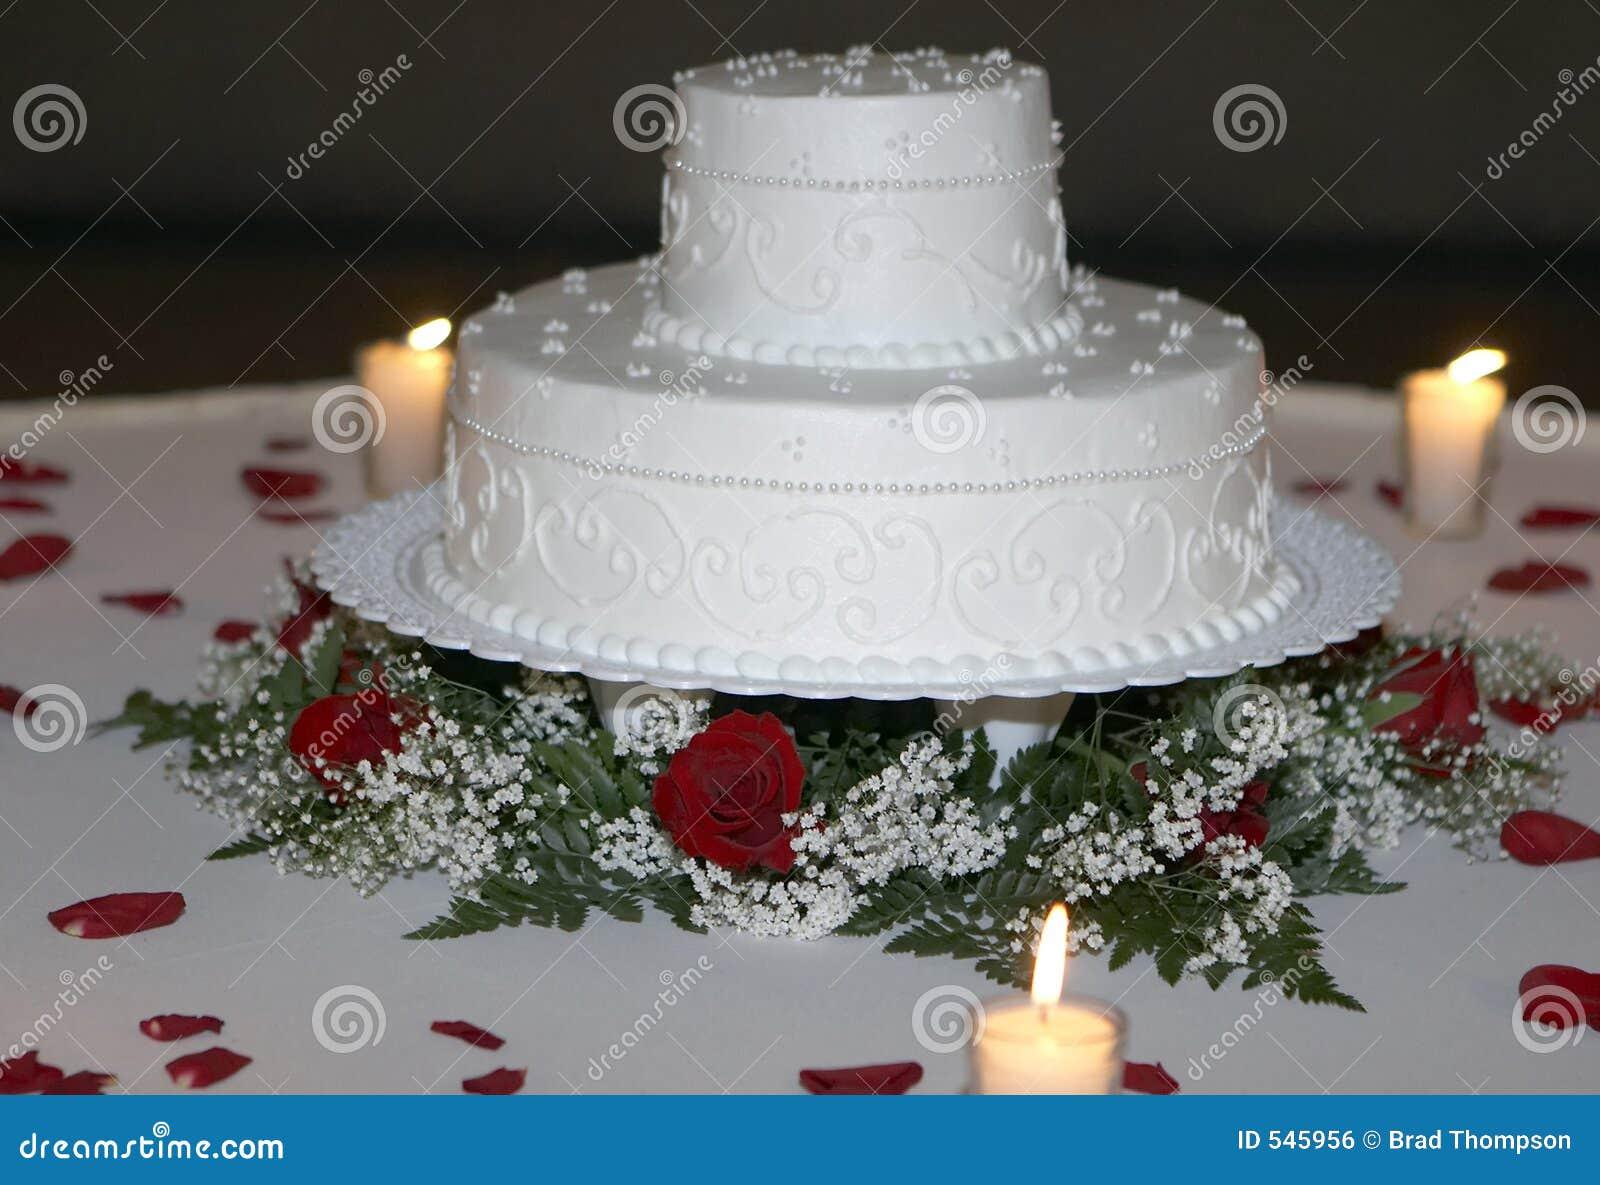 Ciasto zbliżenia przy świecach ślub